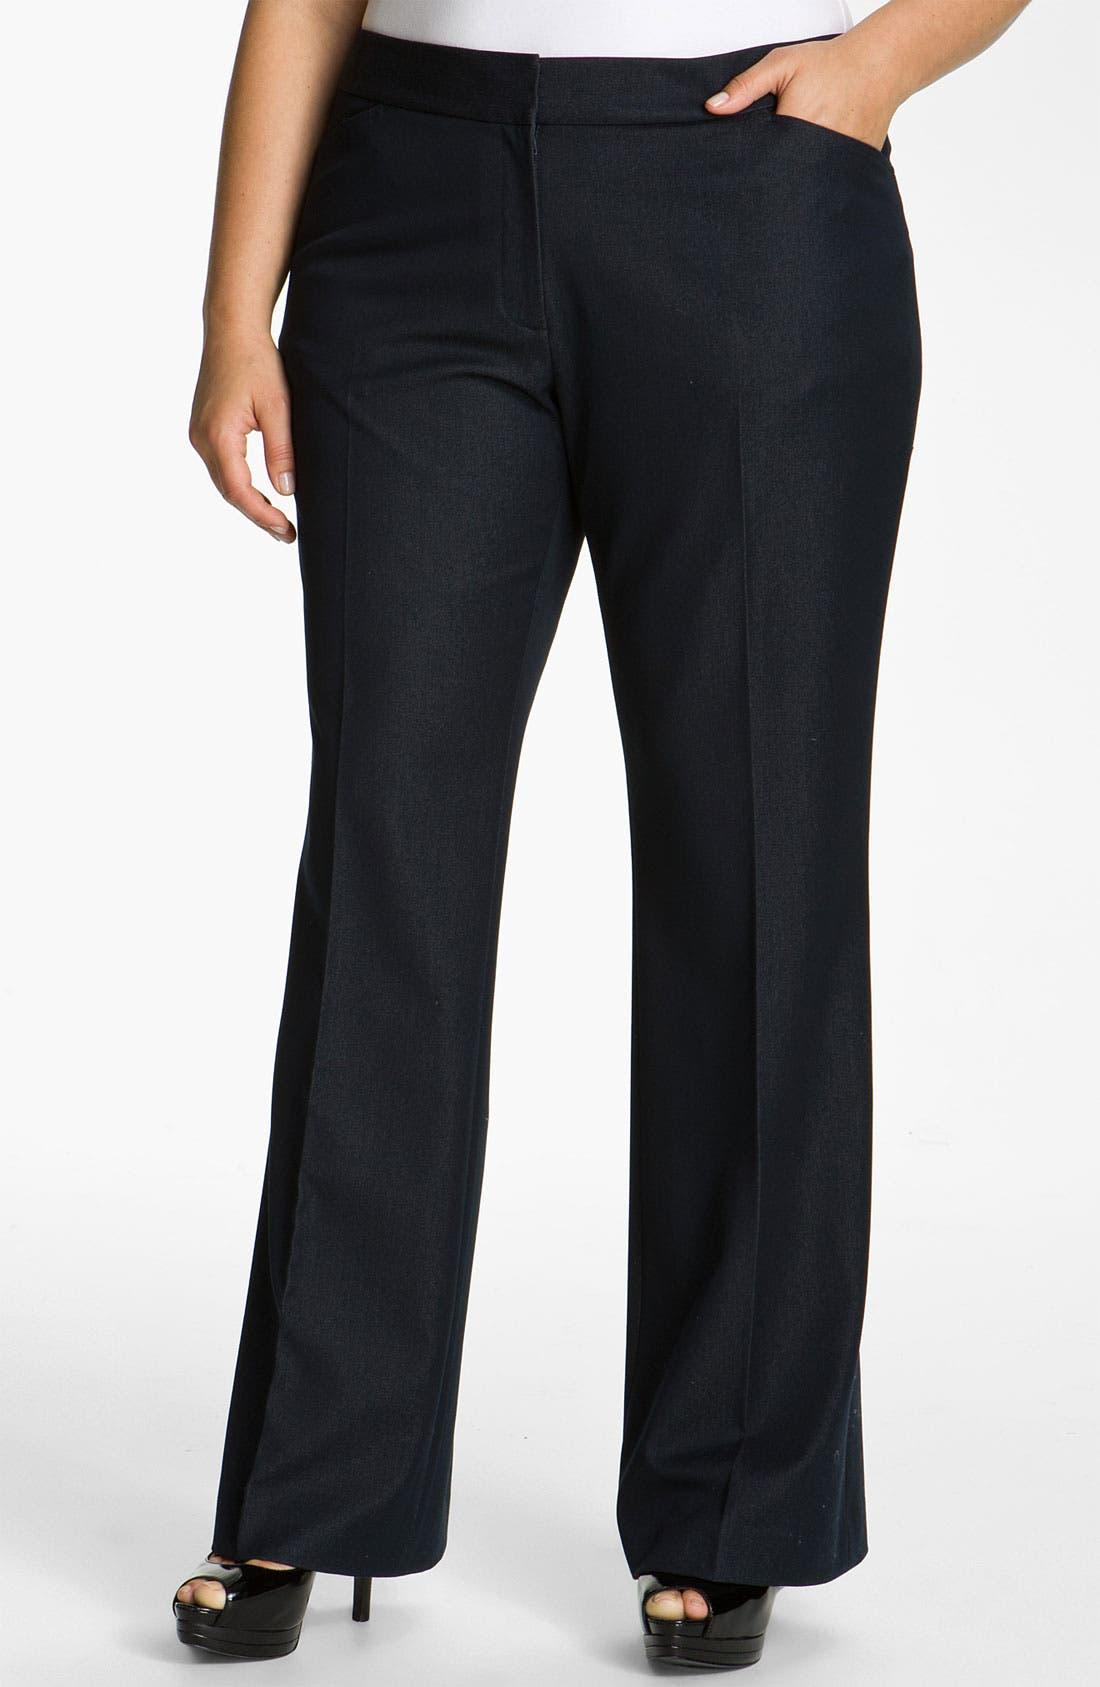 Alternate Image 1 Selected - Tahari Woman 'Wesley' Trousers (Plus)